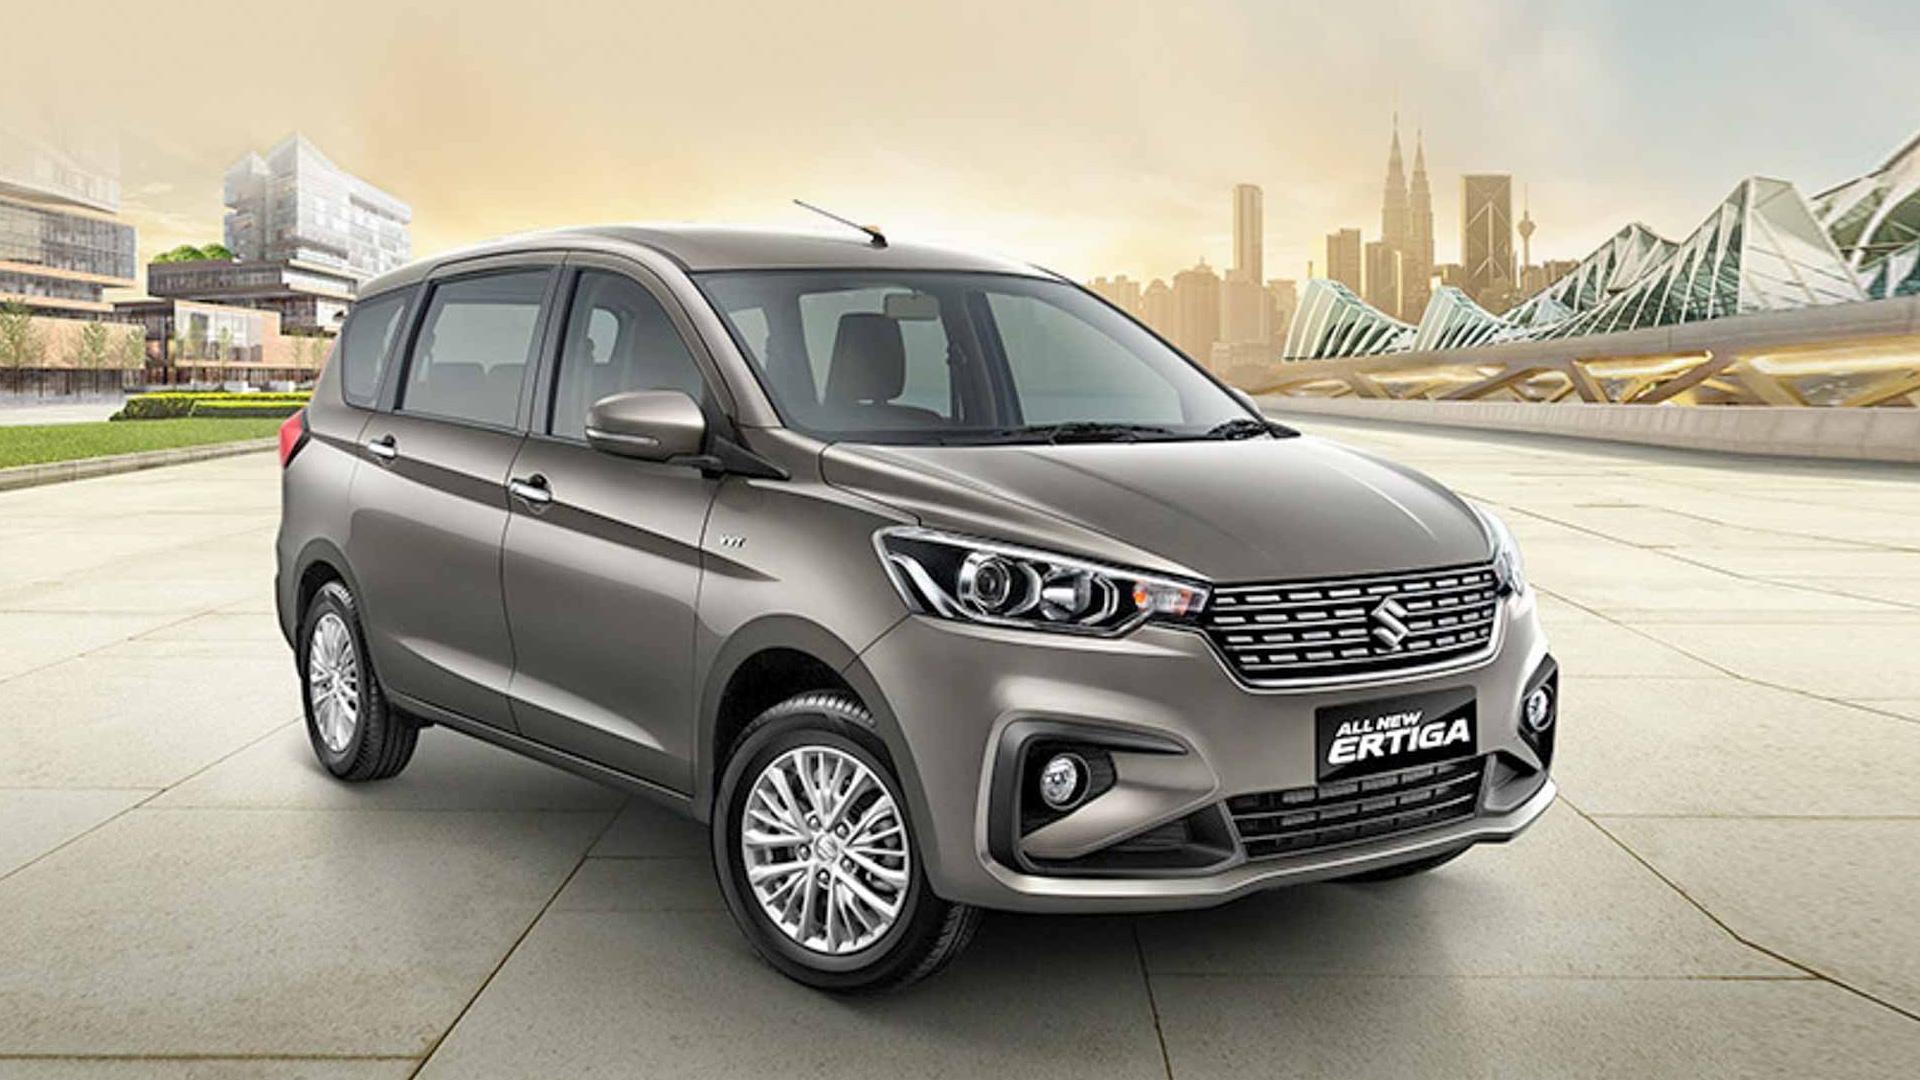 Maruti Suzuki mulling two new brands, including NEXA - Report